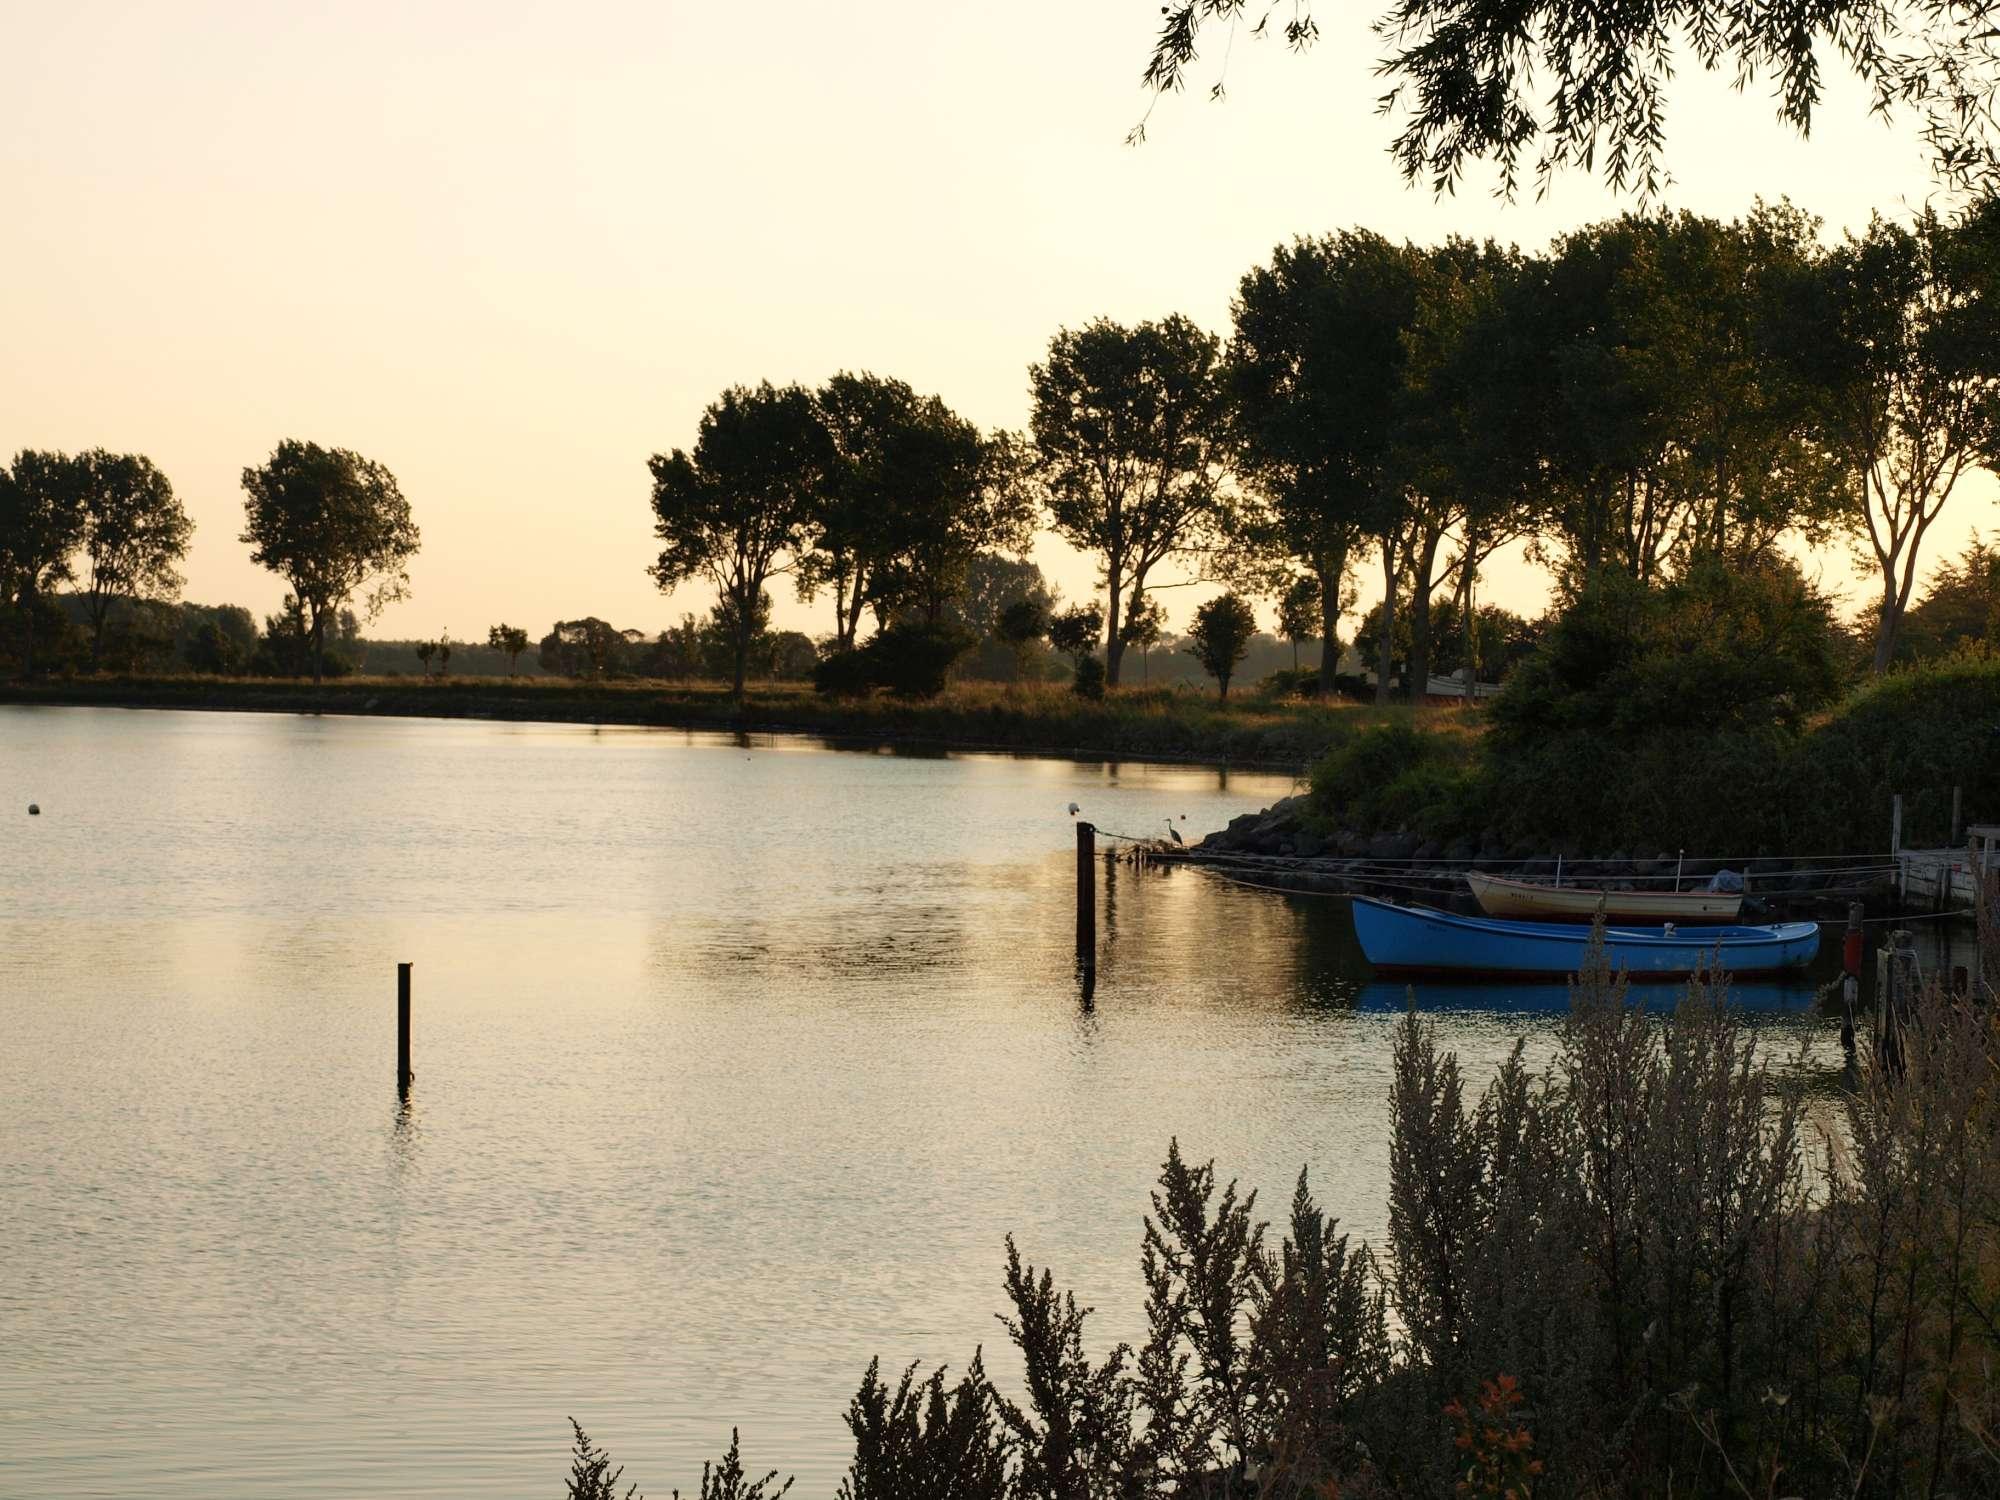 Urlaub an Ostsee und Schlei - Abend am Wormhöfter Noor